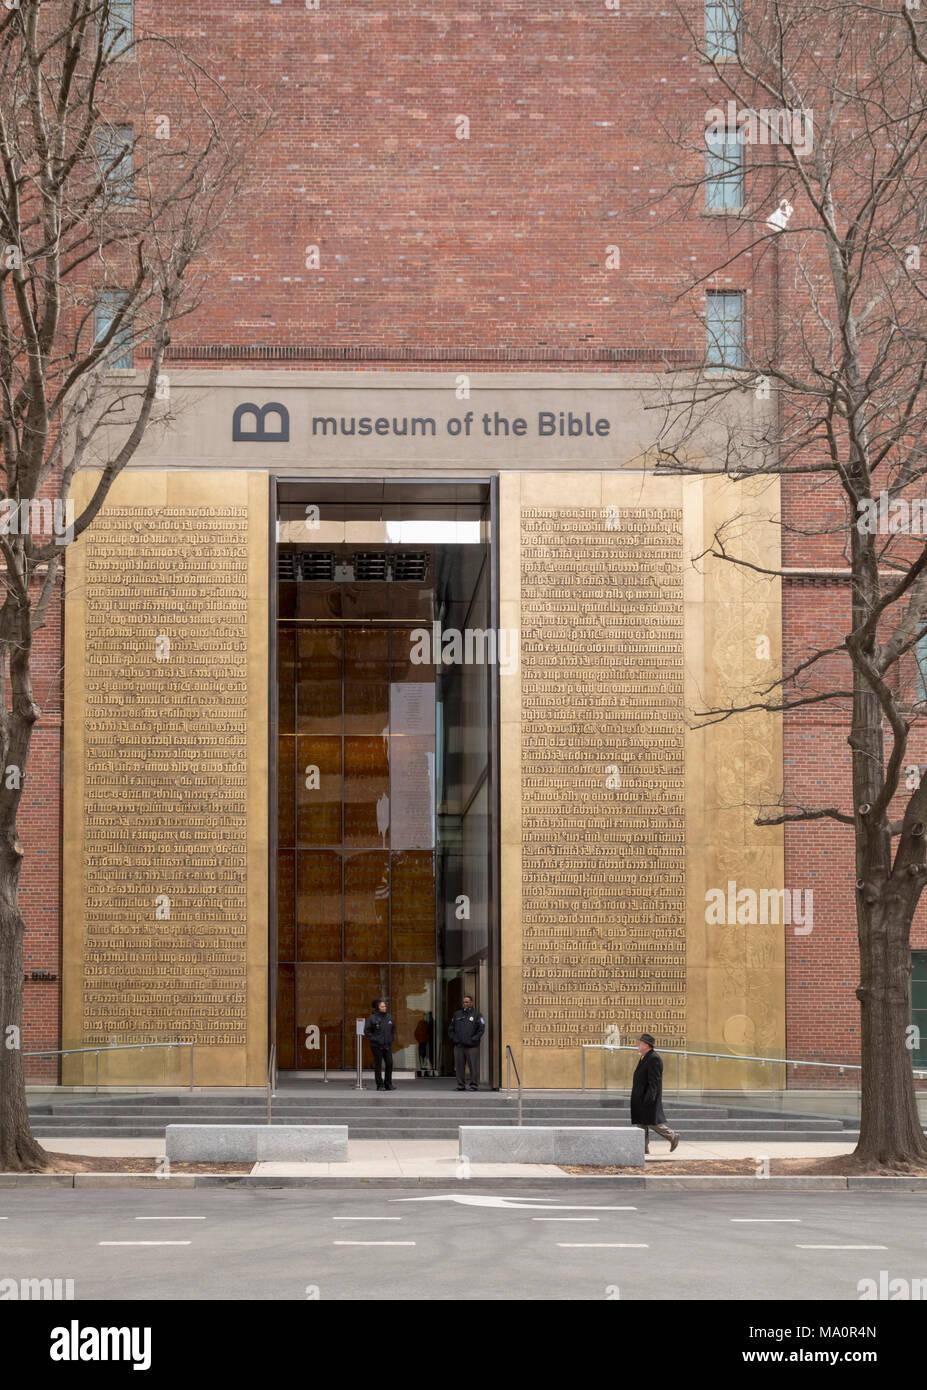 Washington, DC - der Eingang zum Museum der Bibel. Der 40-Fuß hohen bronzenen Türen tragen die Schöpfungsgeschichte aus Genesis, von einer frühen Ausgabe o Stockbild